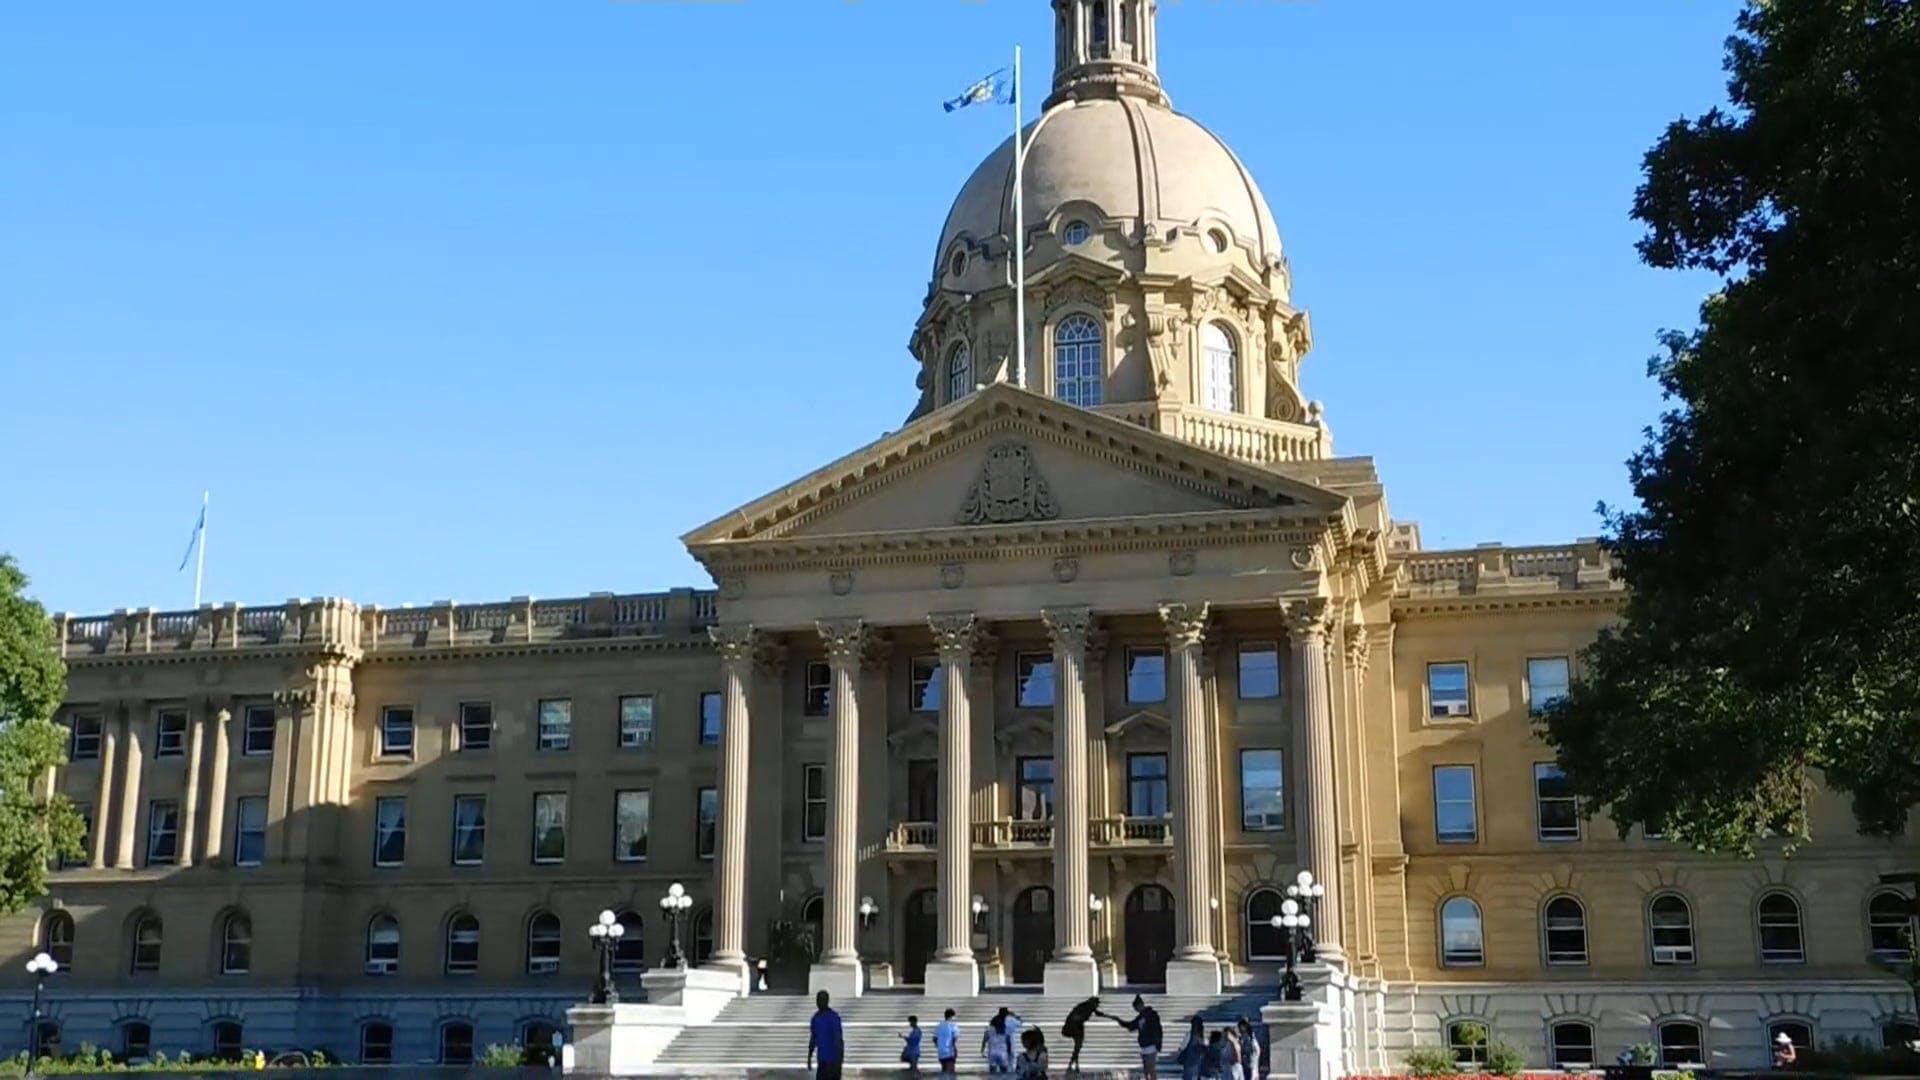 The Legislature Building